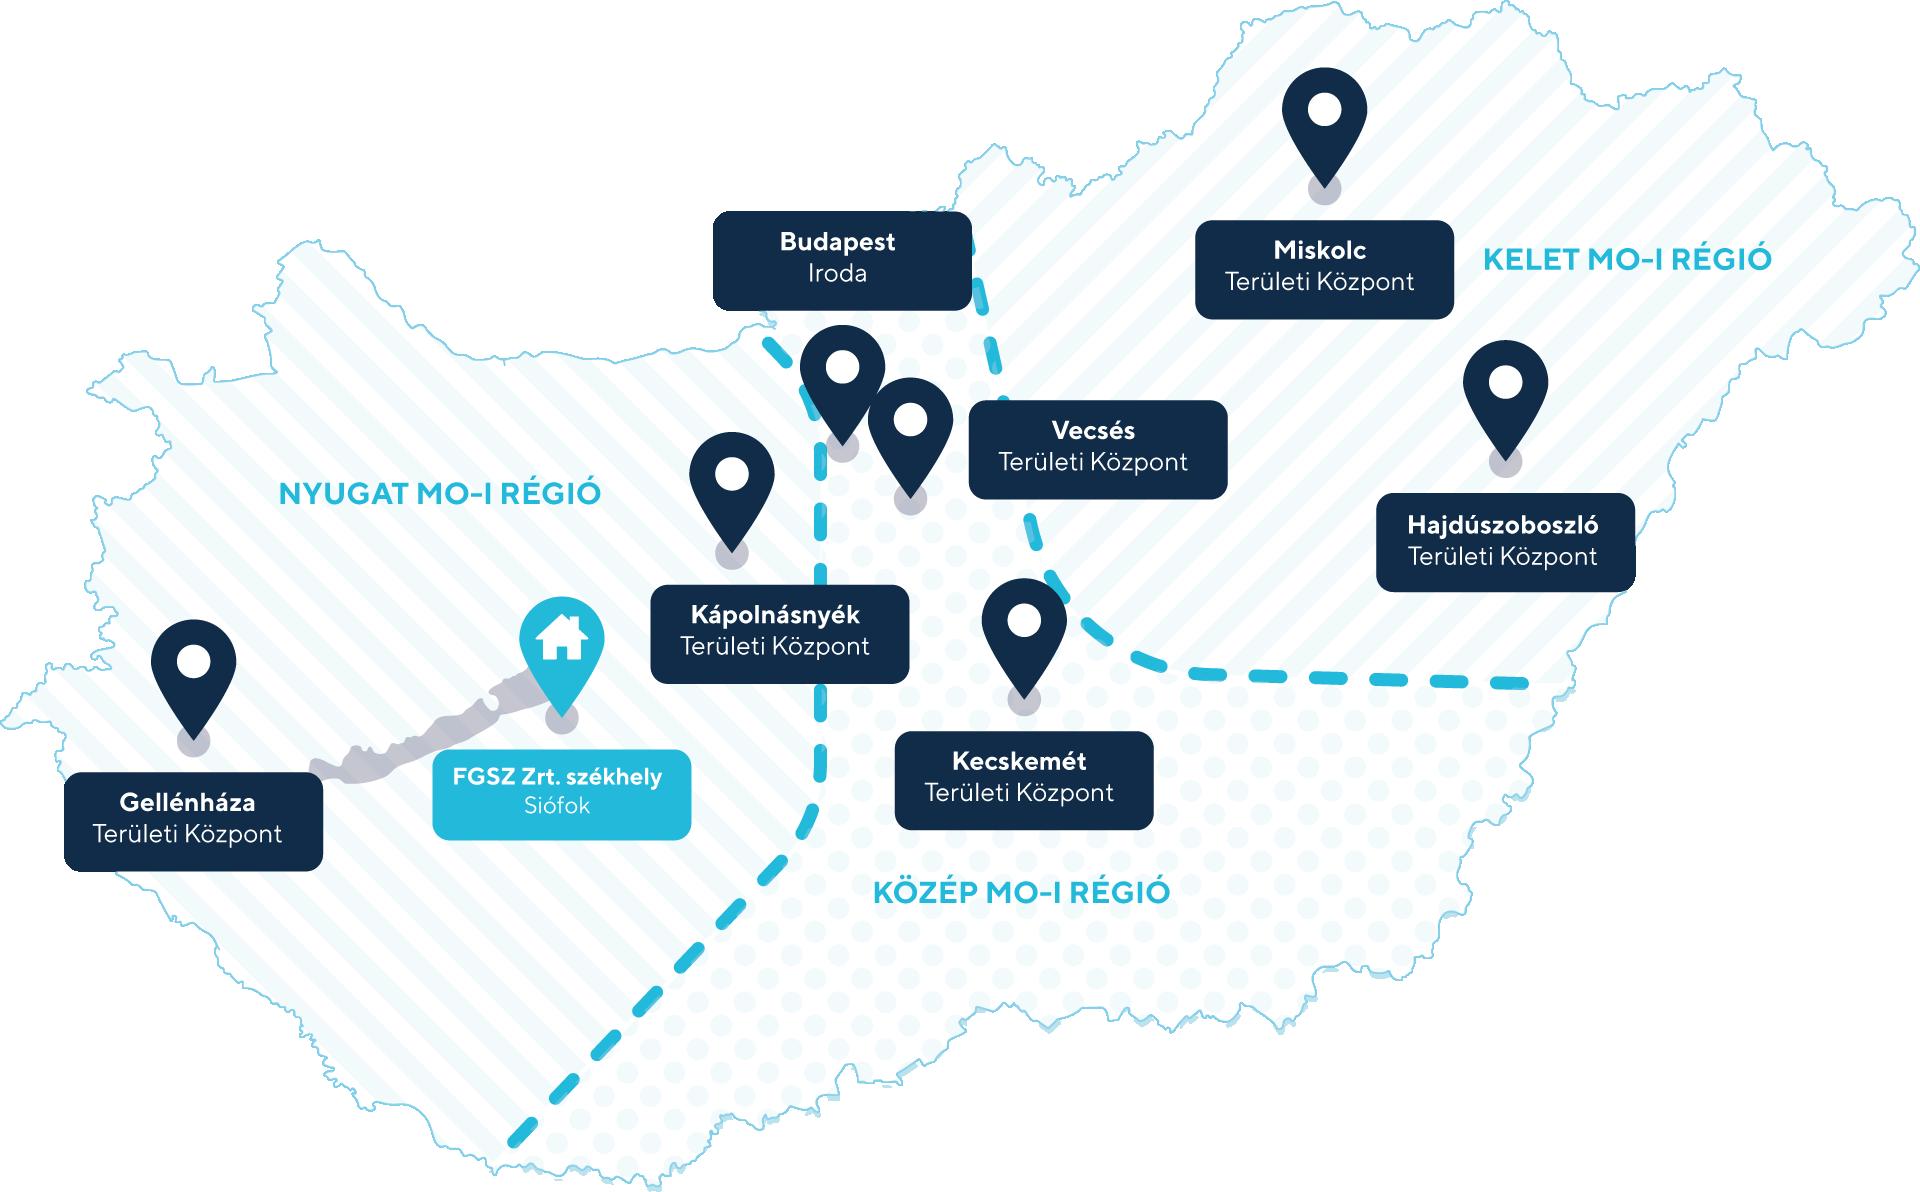 Fgsz map